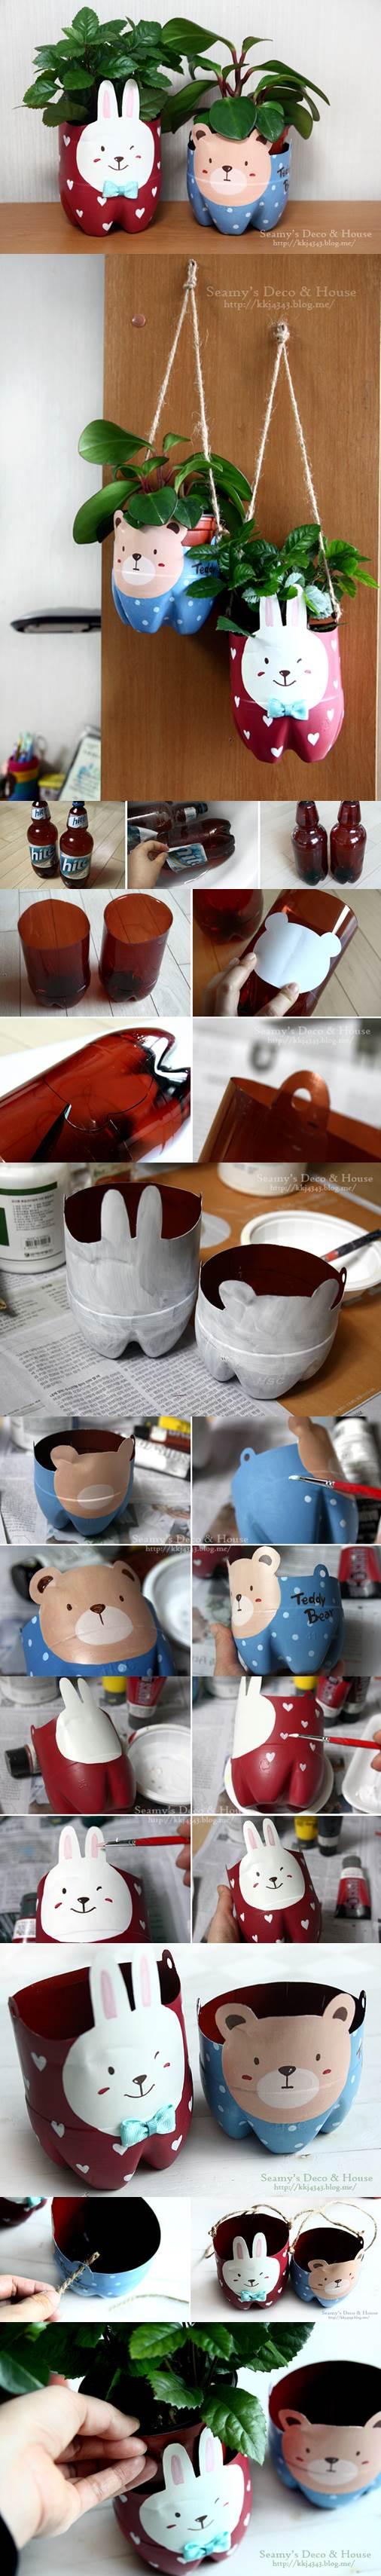 DIY Plastic Bottle Pet Pots 2